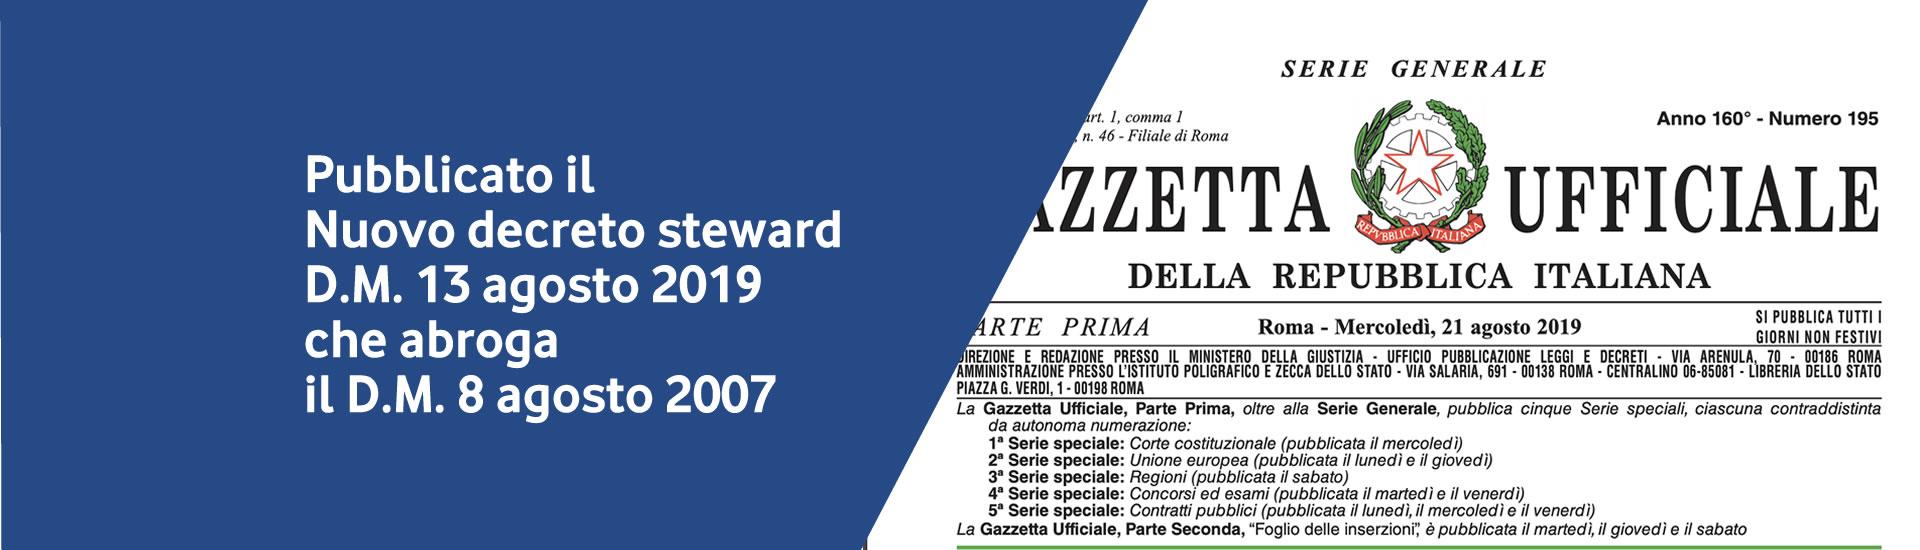 DecretoSteward